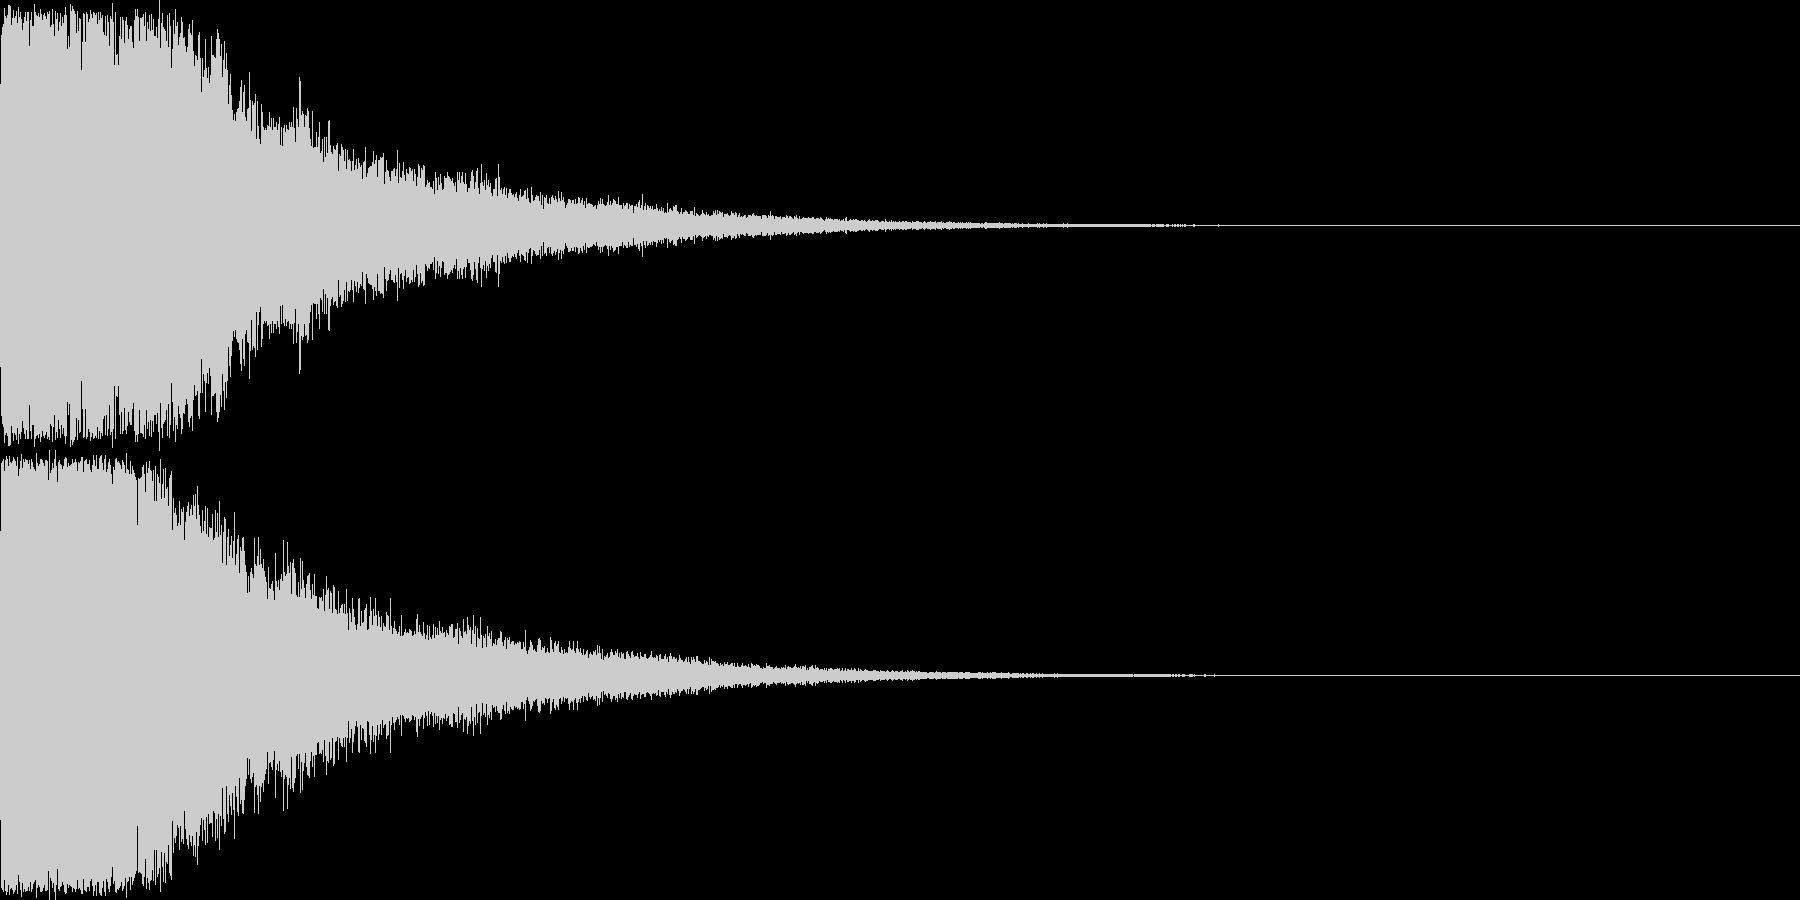 刀 剣 ソード カキーン キュイーン32の未再生の波形